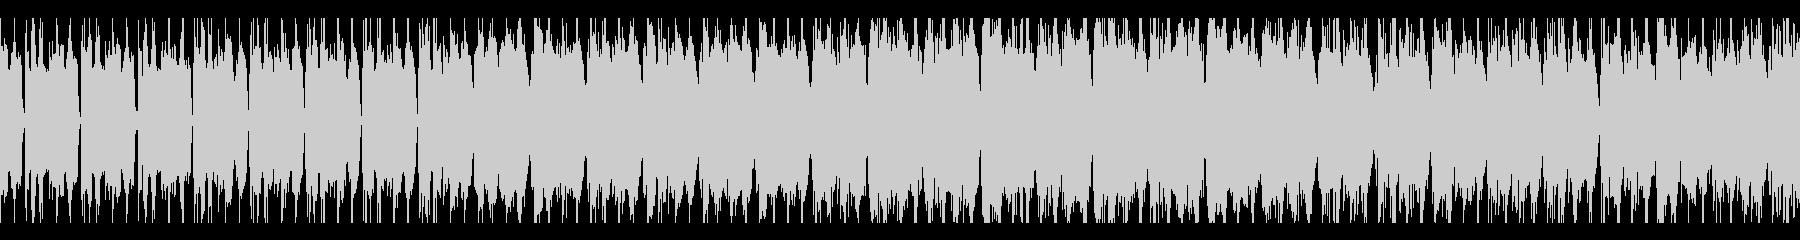 EDM風シューティングBGM ループの未再生の波形